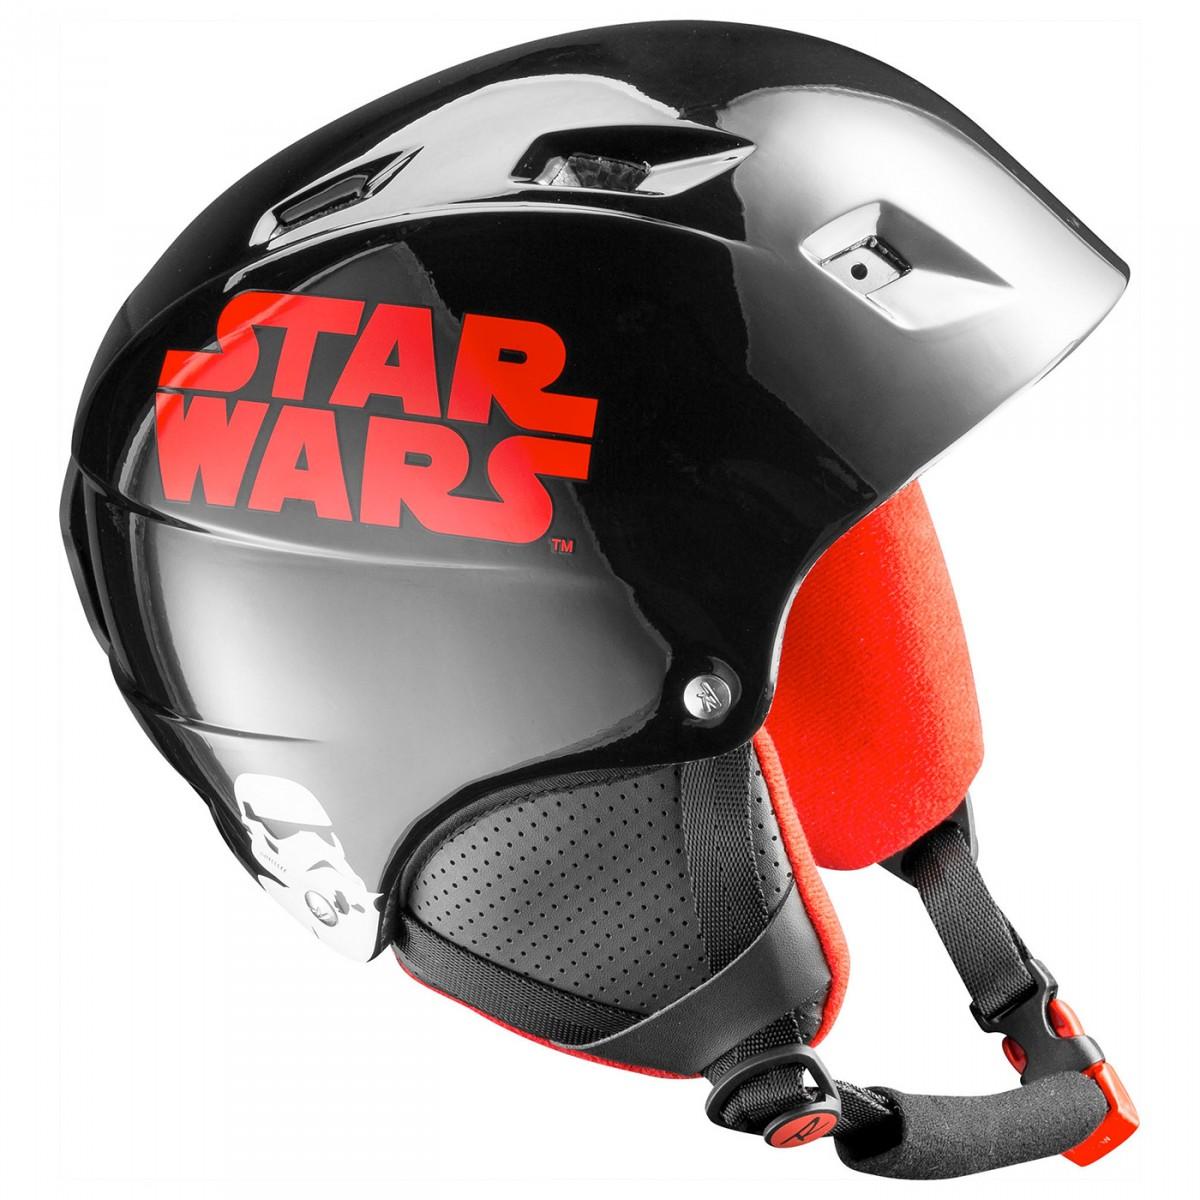 Casco sci Rossignol Comp J Star War (Colore: nero-rosso, Taglia: 49/52)